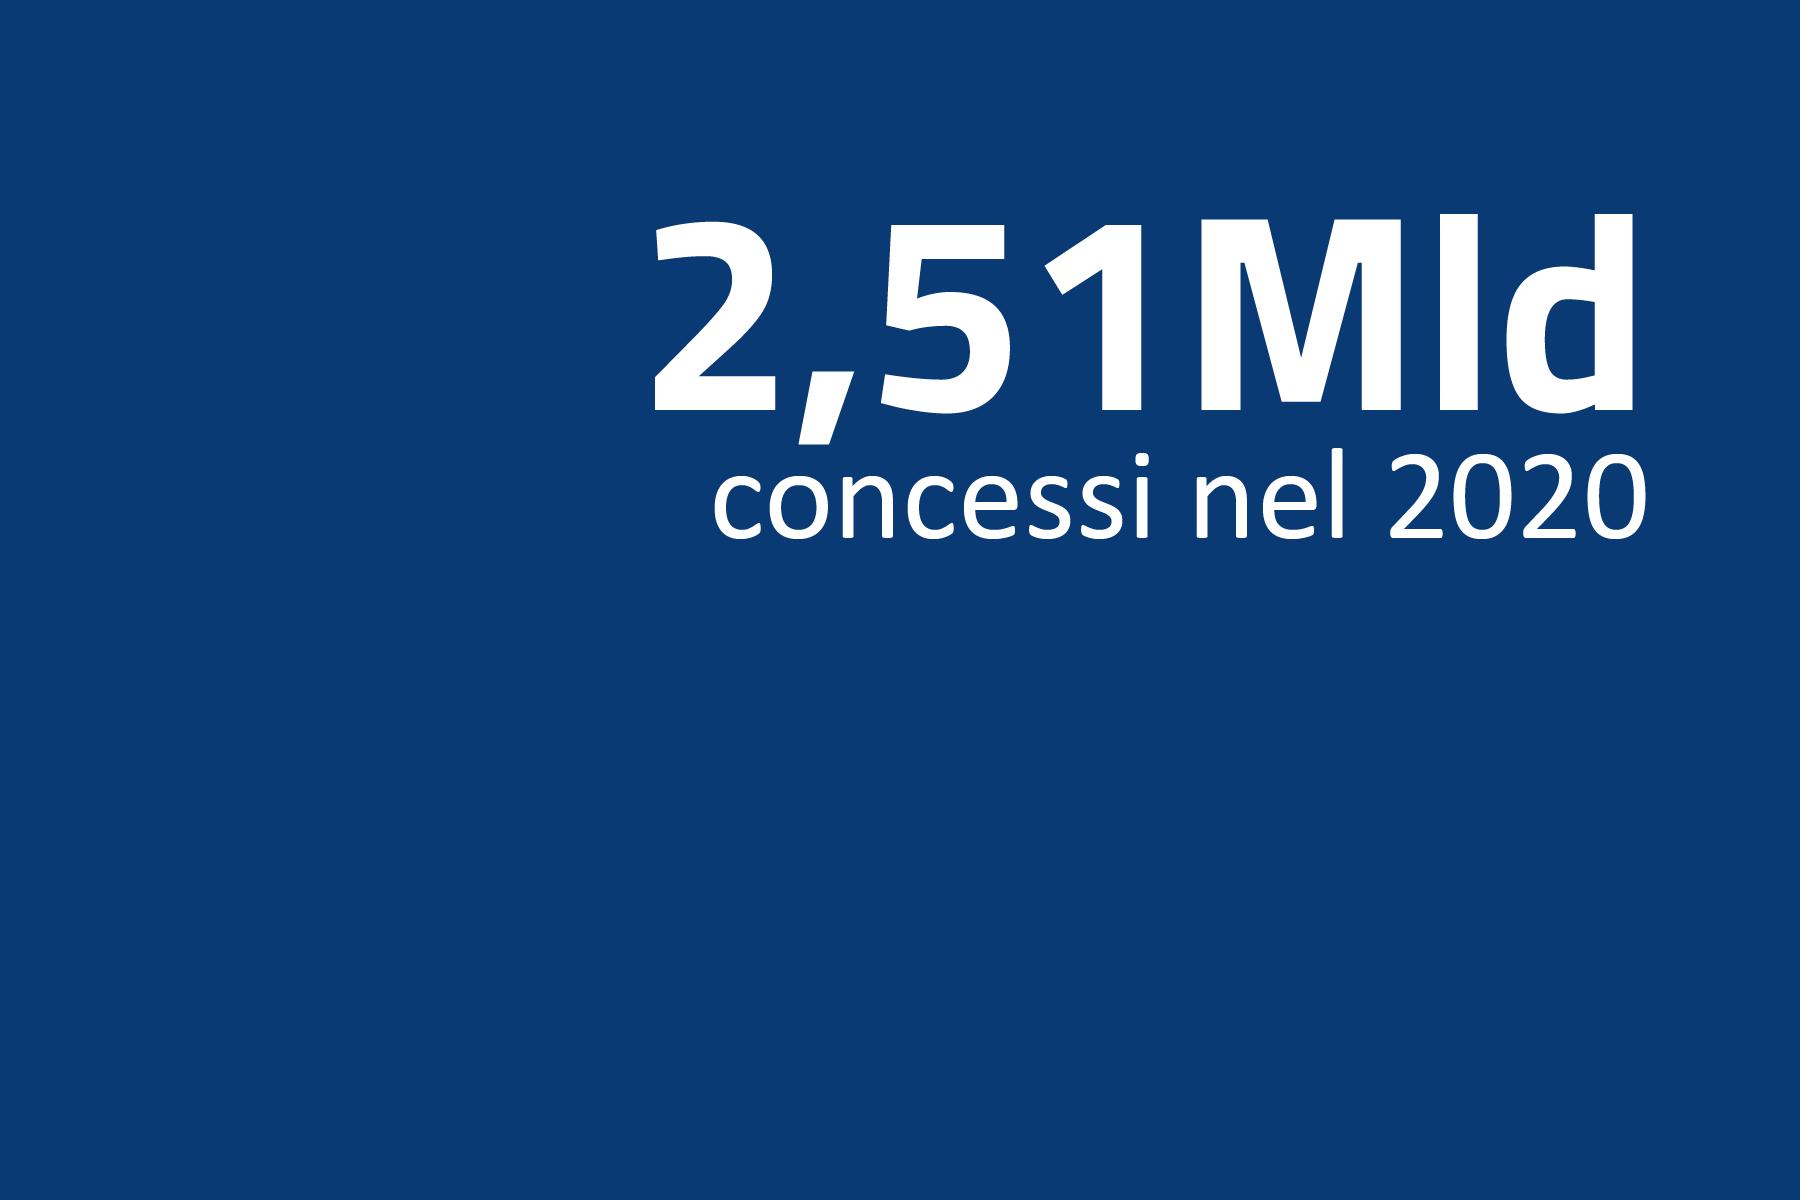 1,40 mld di € concessi nel 2016 - 28.884 assegnazioni riguardanti 4.318 beneficiari